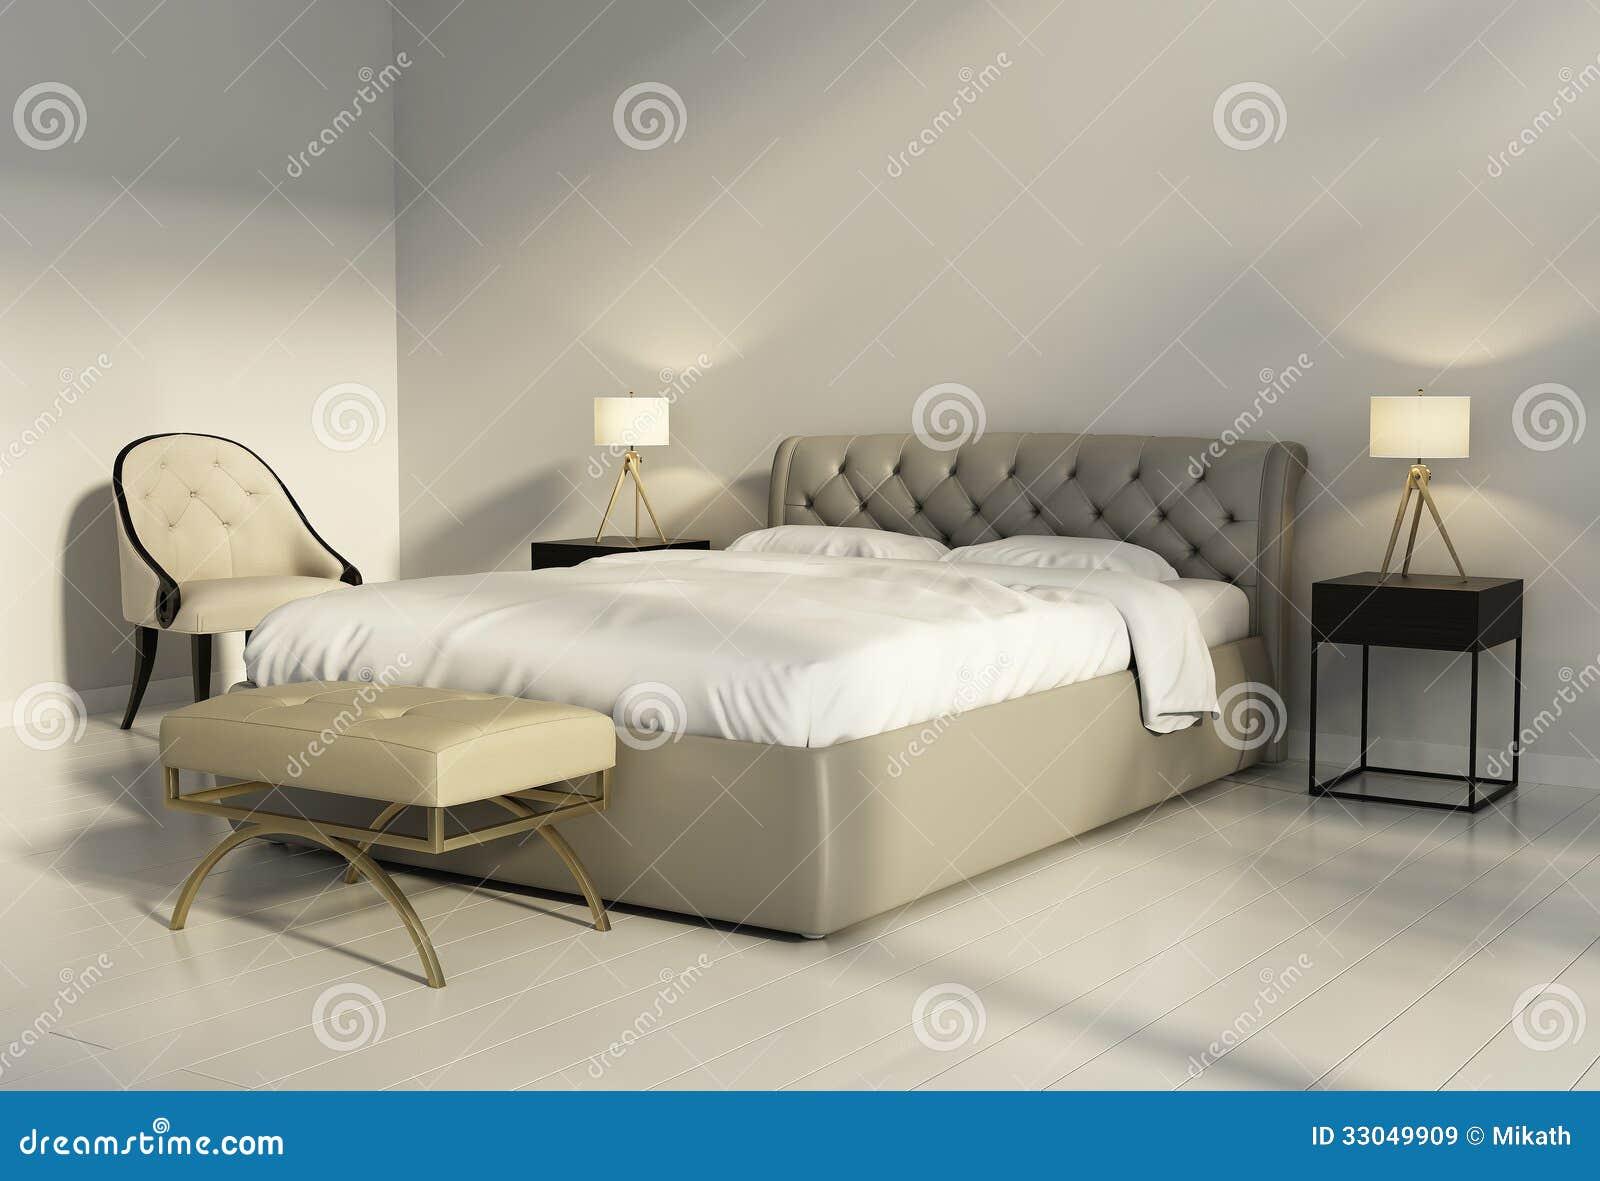 Lit en cuir tuft chic dans la chambre coucher chic contemporaine images libres de droits - Chambre a coucher contemporaine ...